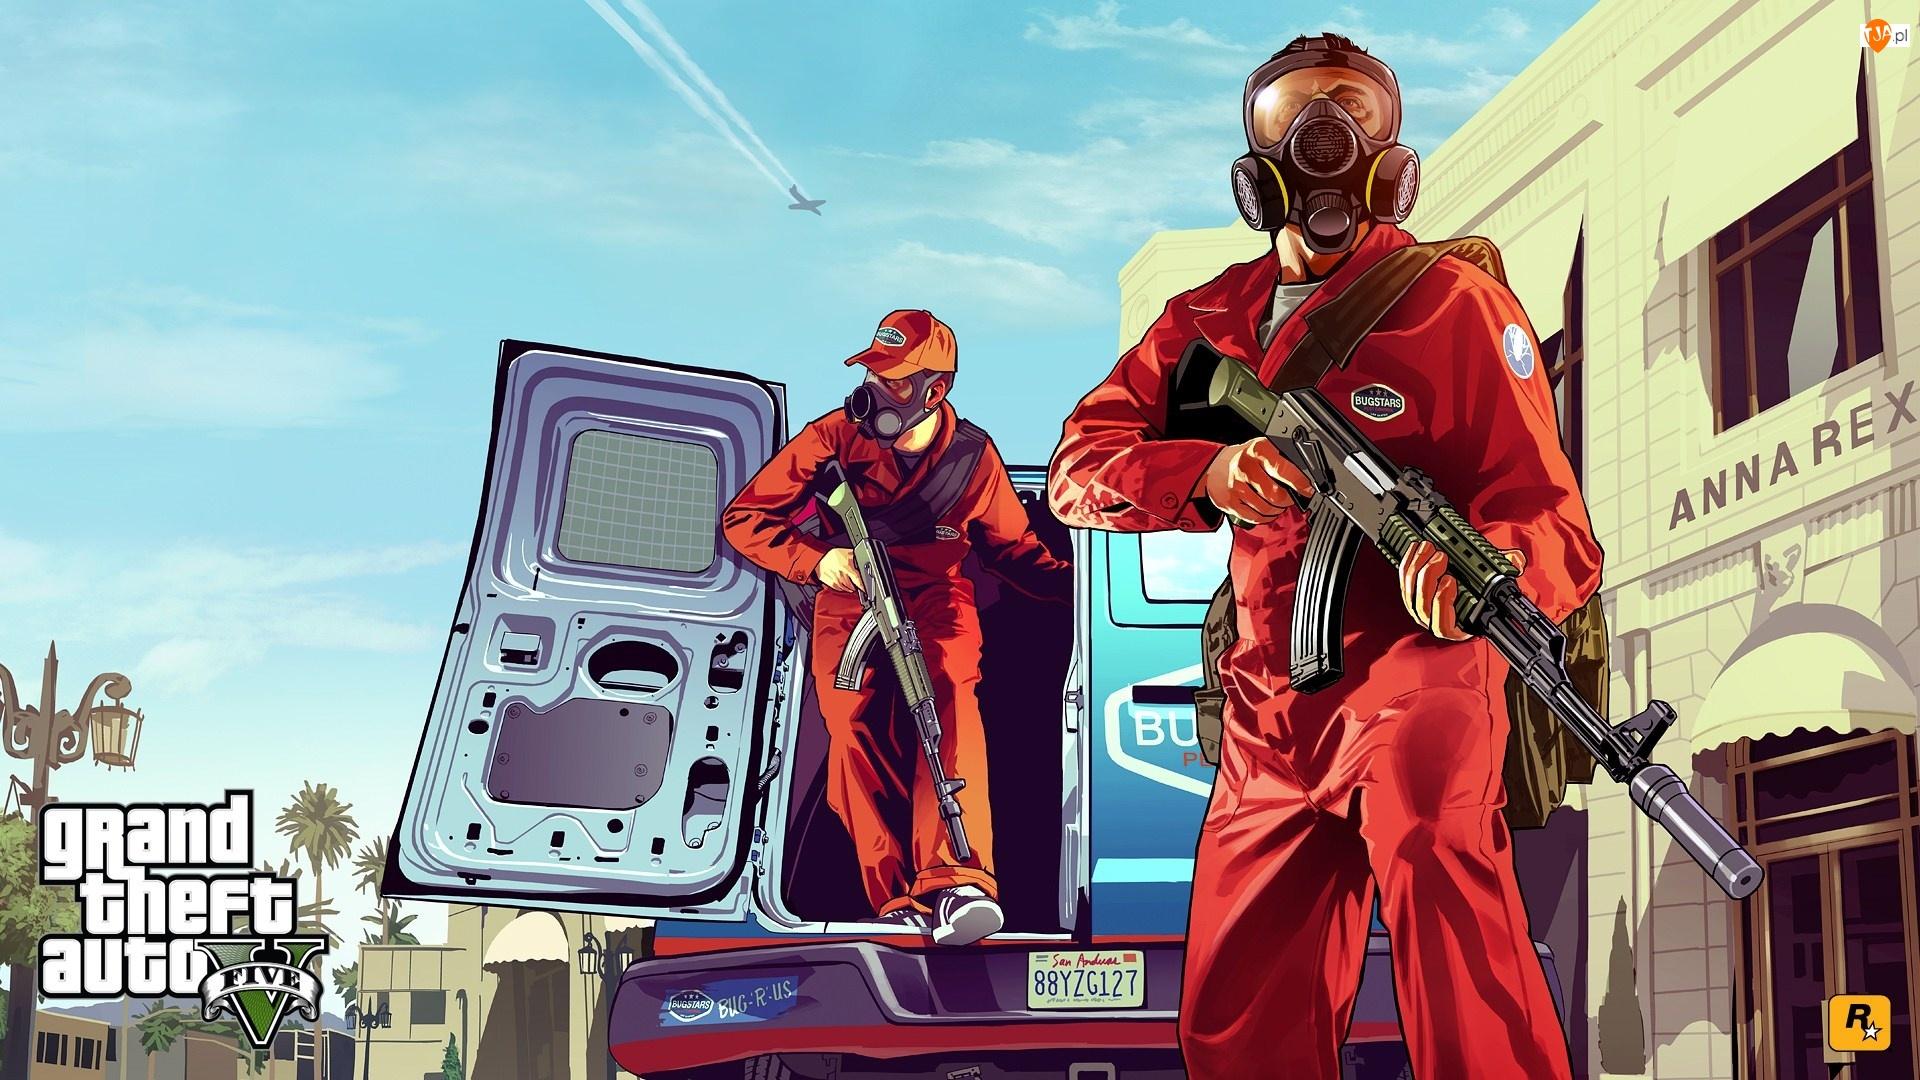 Broń, Gra, Samochód, GTA, Postacie